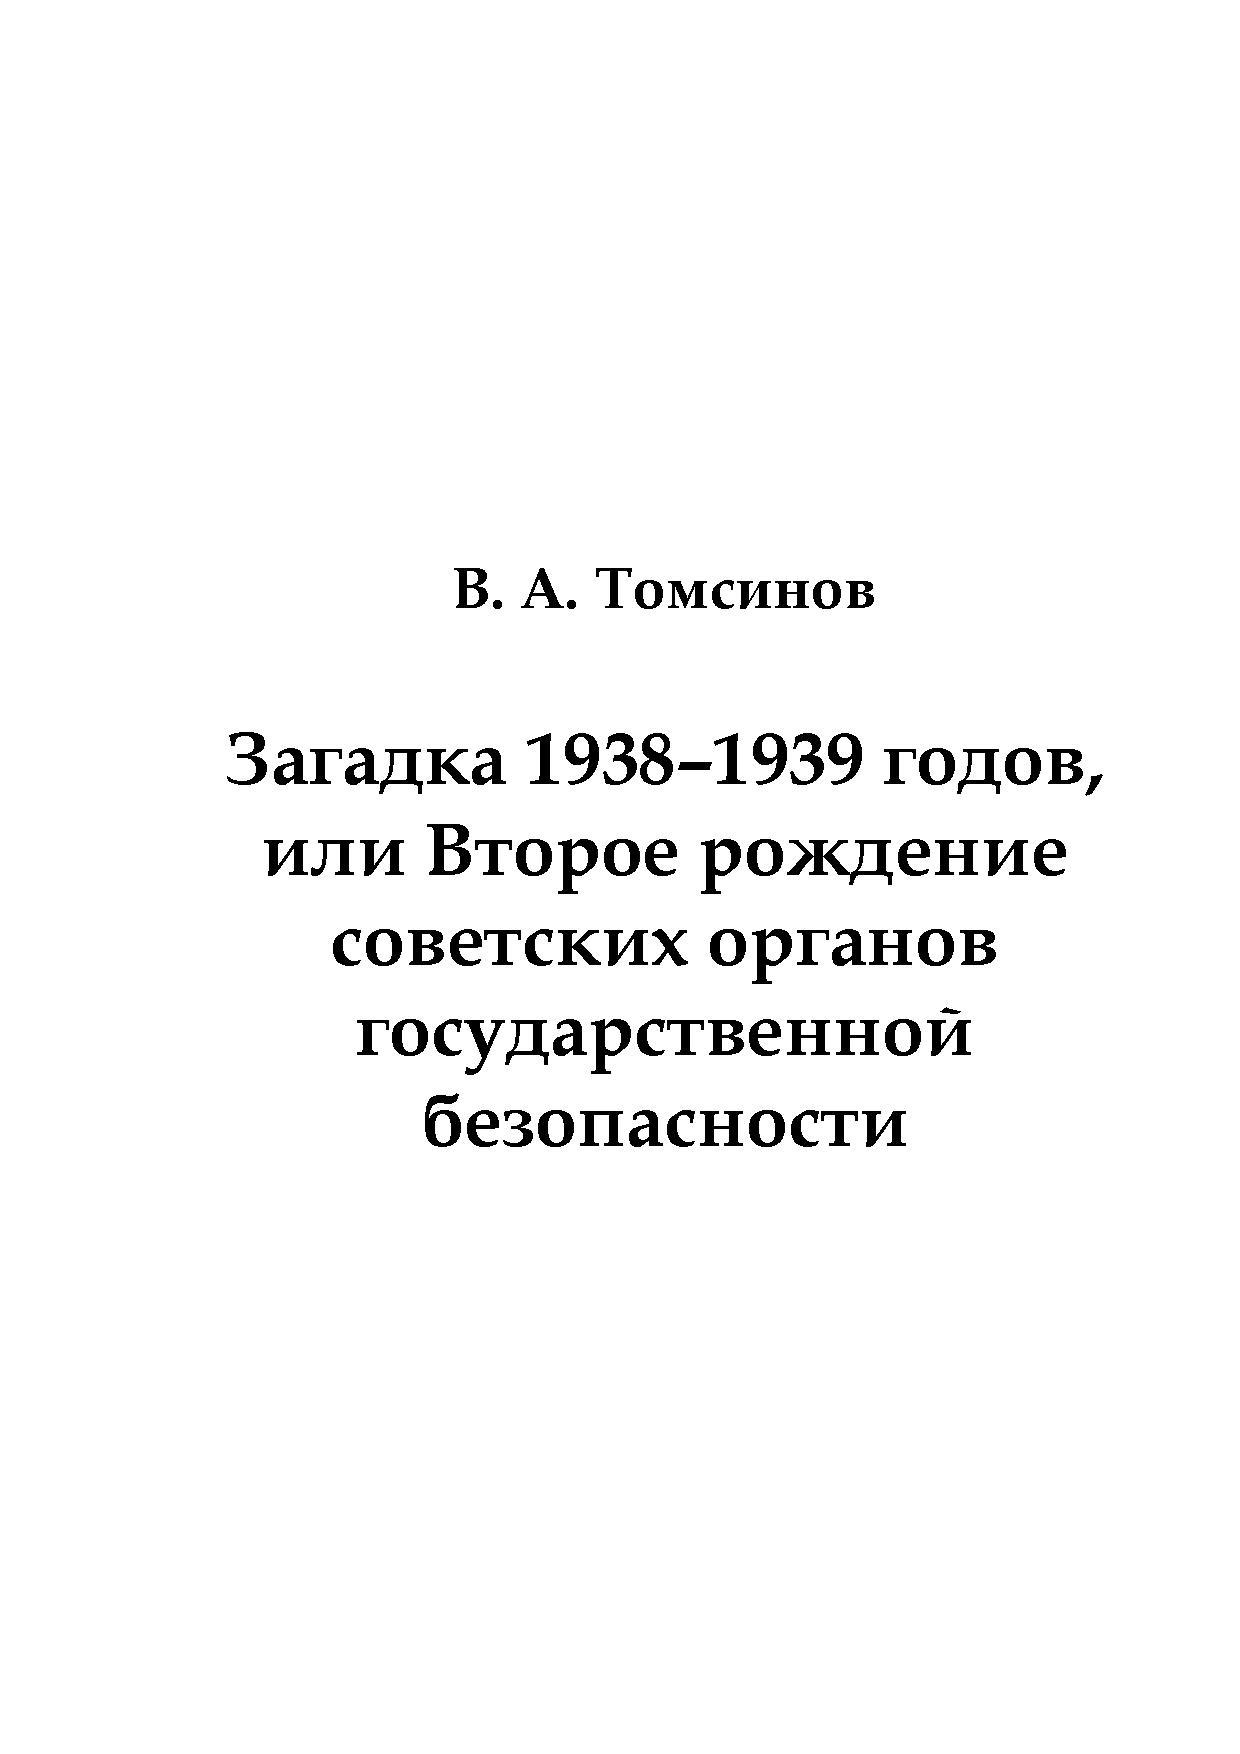 Загадка 1938–1939 гг., или Второе рождение советских органов государственной безопасности